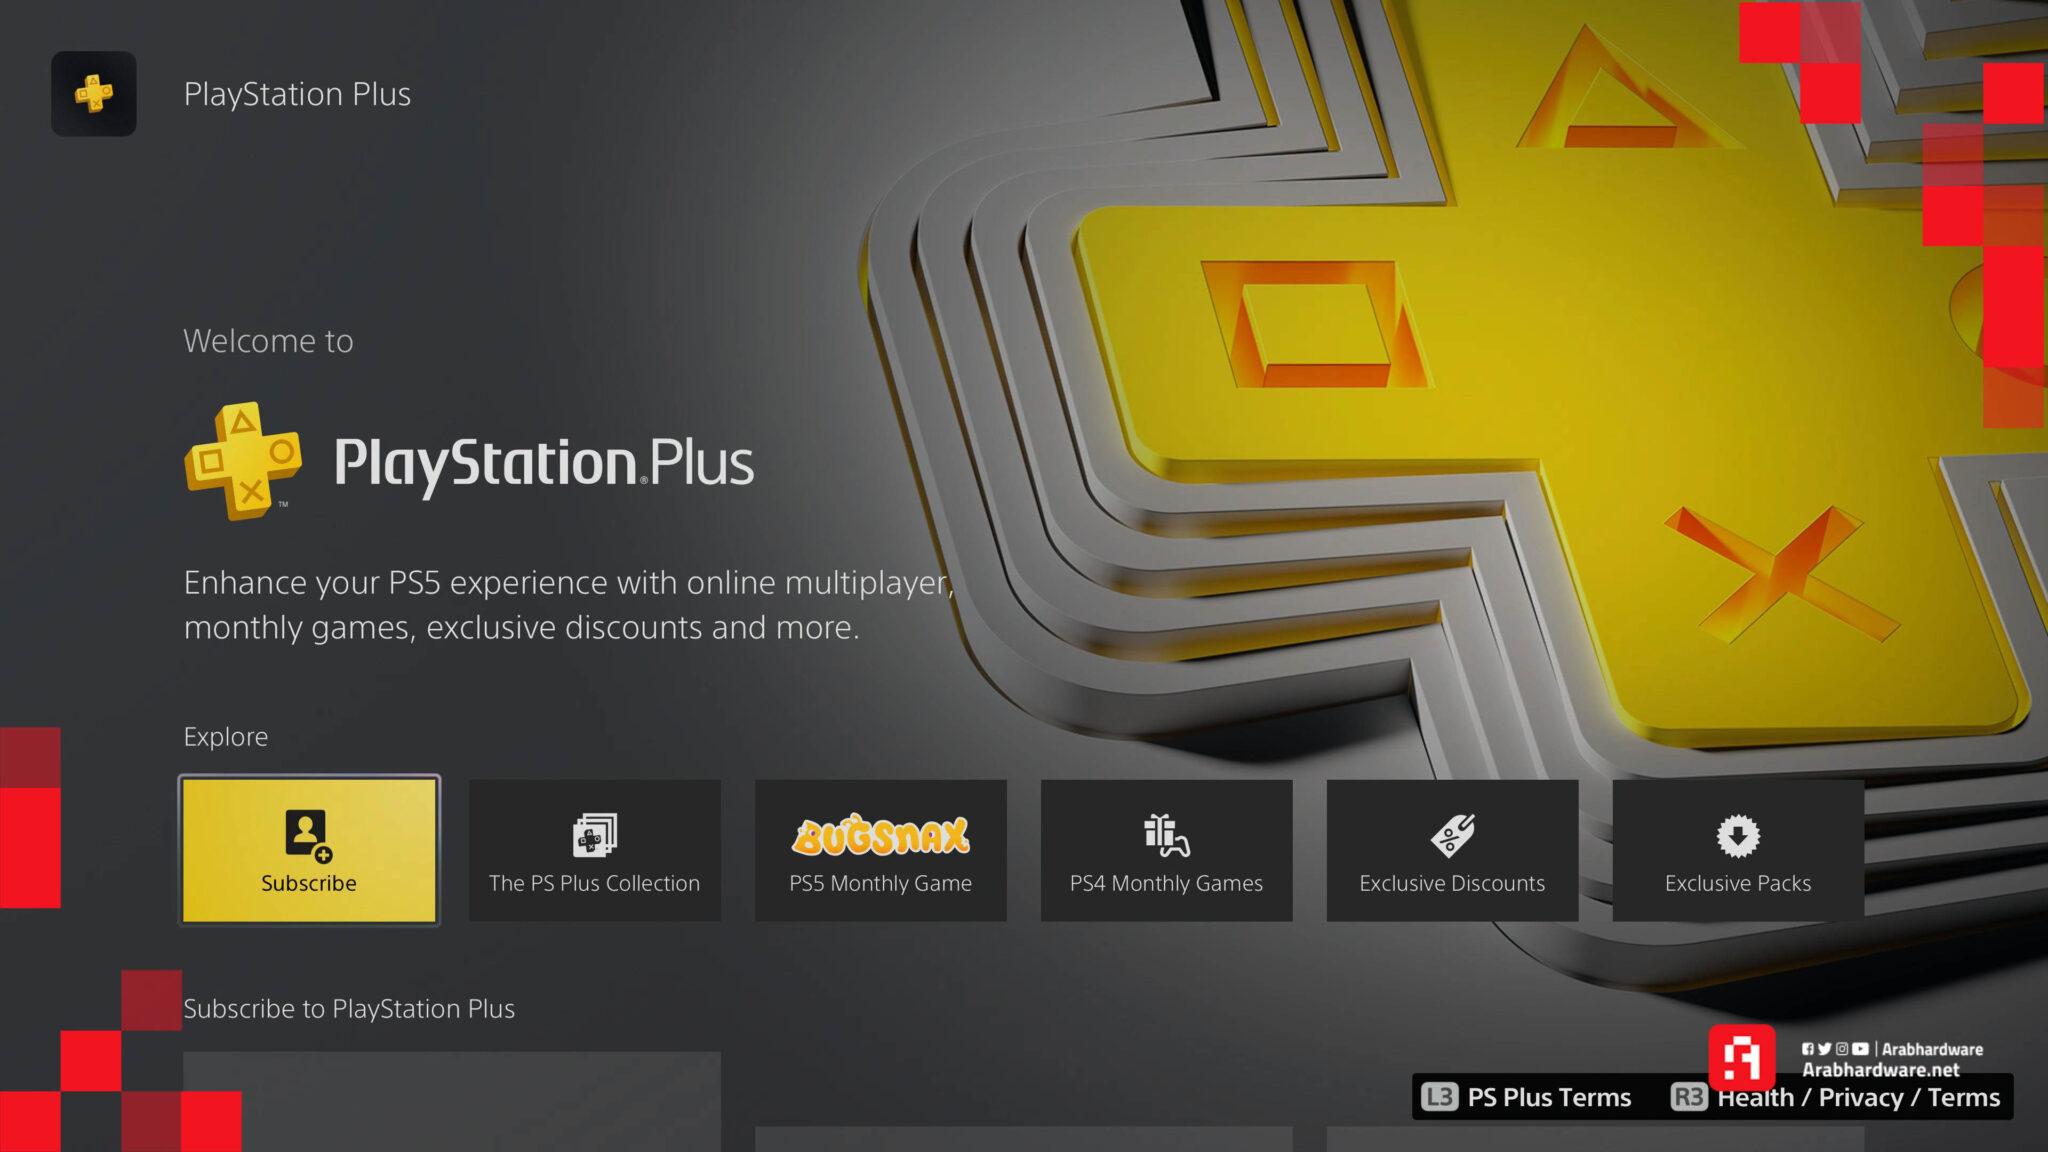 من هنا اضغط على كلمة PS Plus Collection